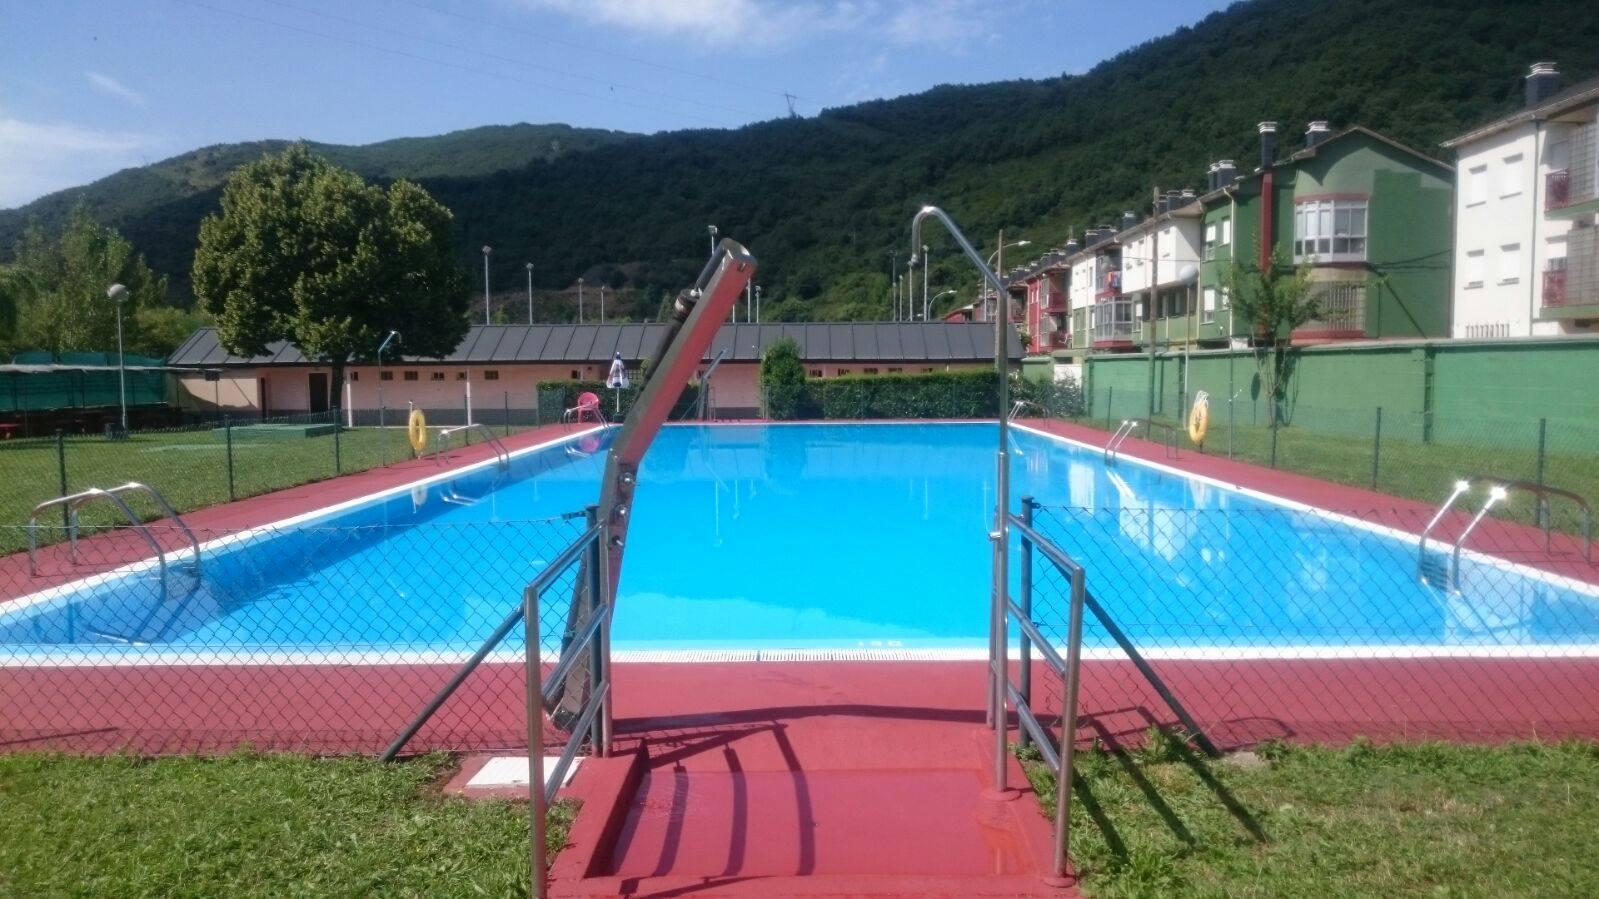 ¿Qué día cierran las piscinas de verano en El Bierzo? 4